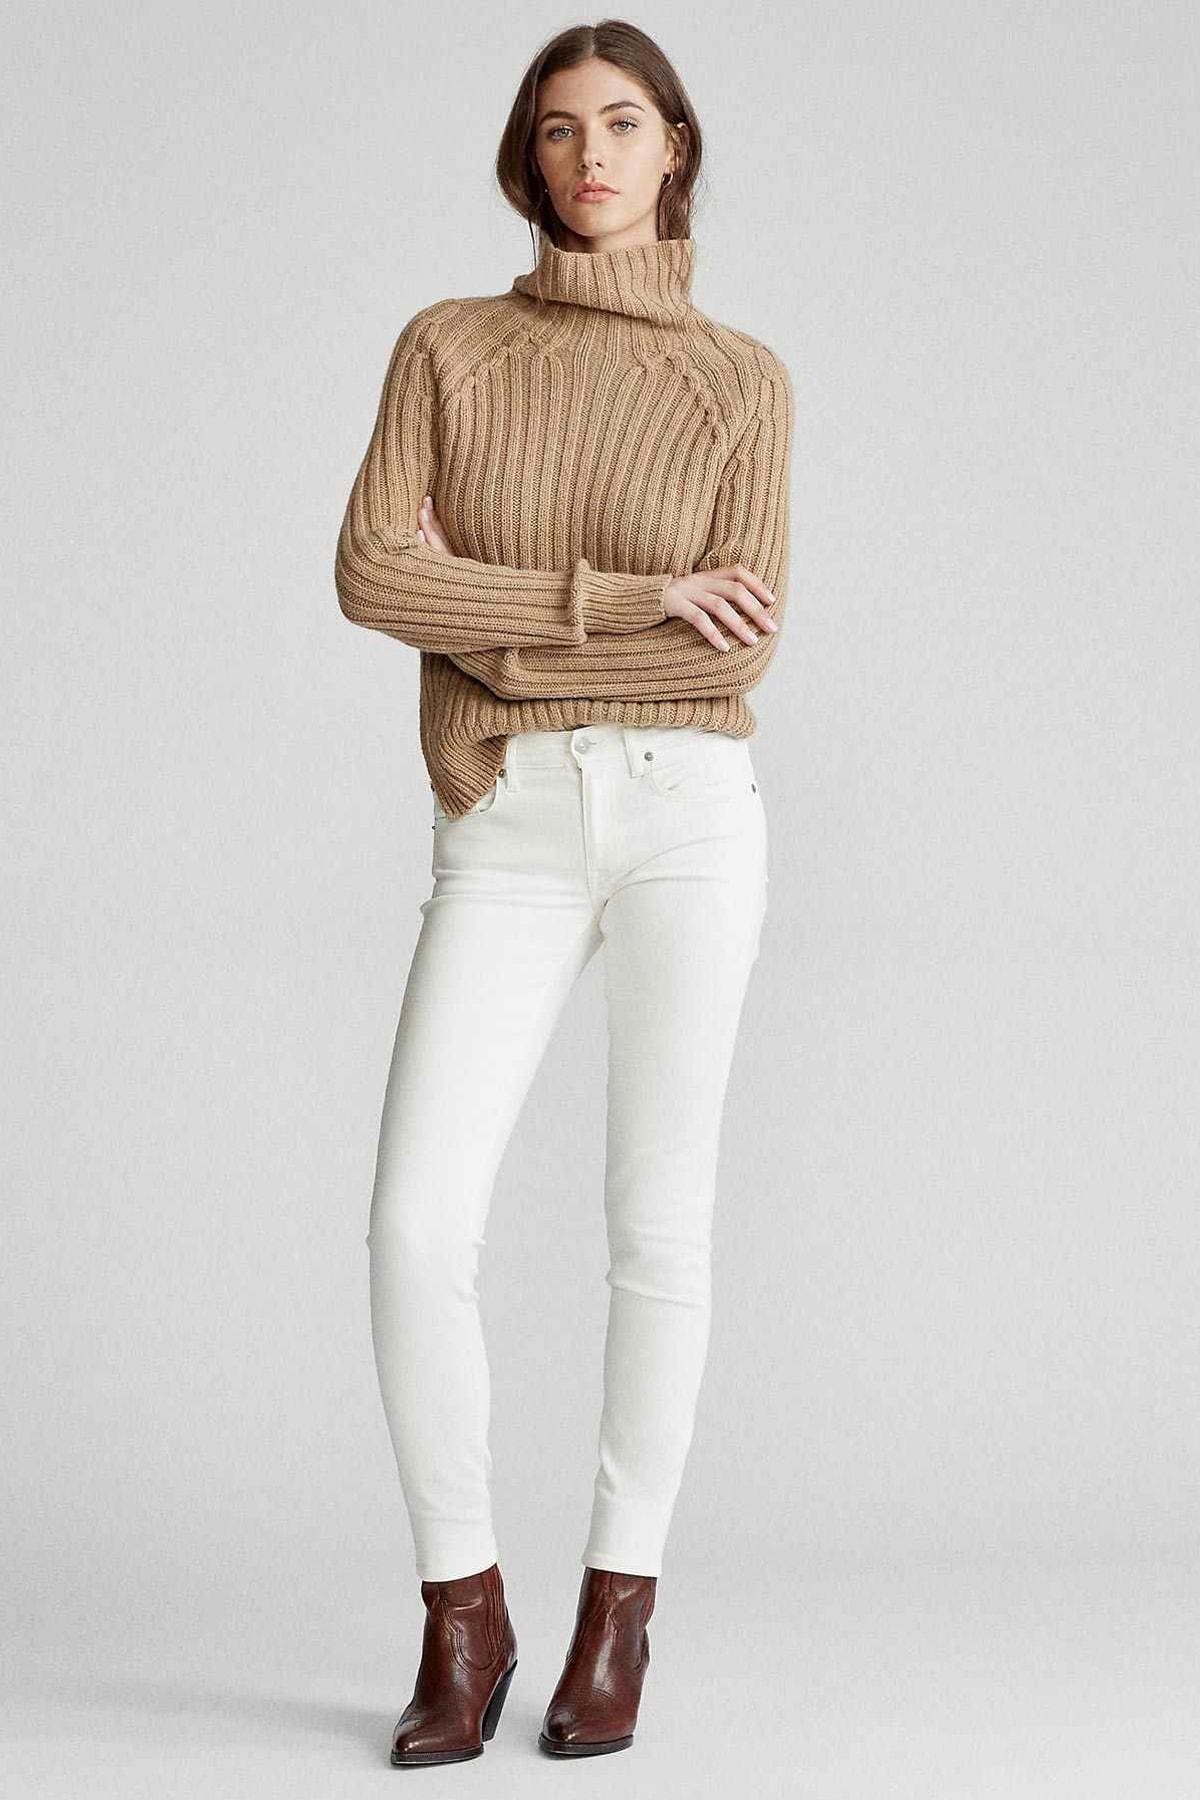 Polo Ralph Lauren Kadın Krem Jeans 4482832760884 1